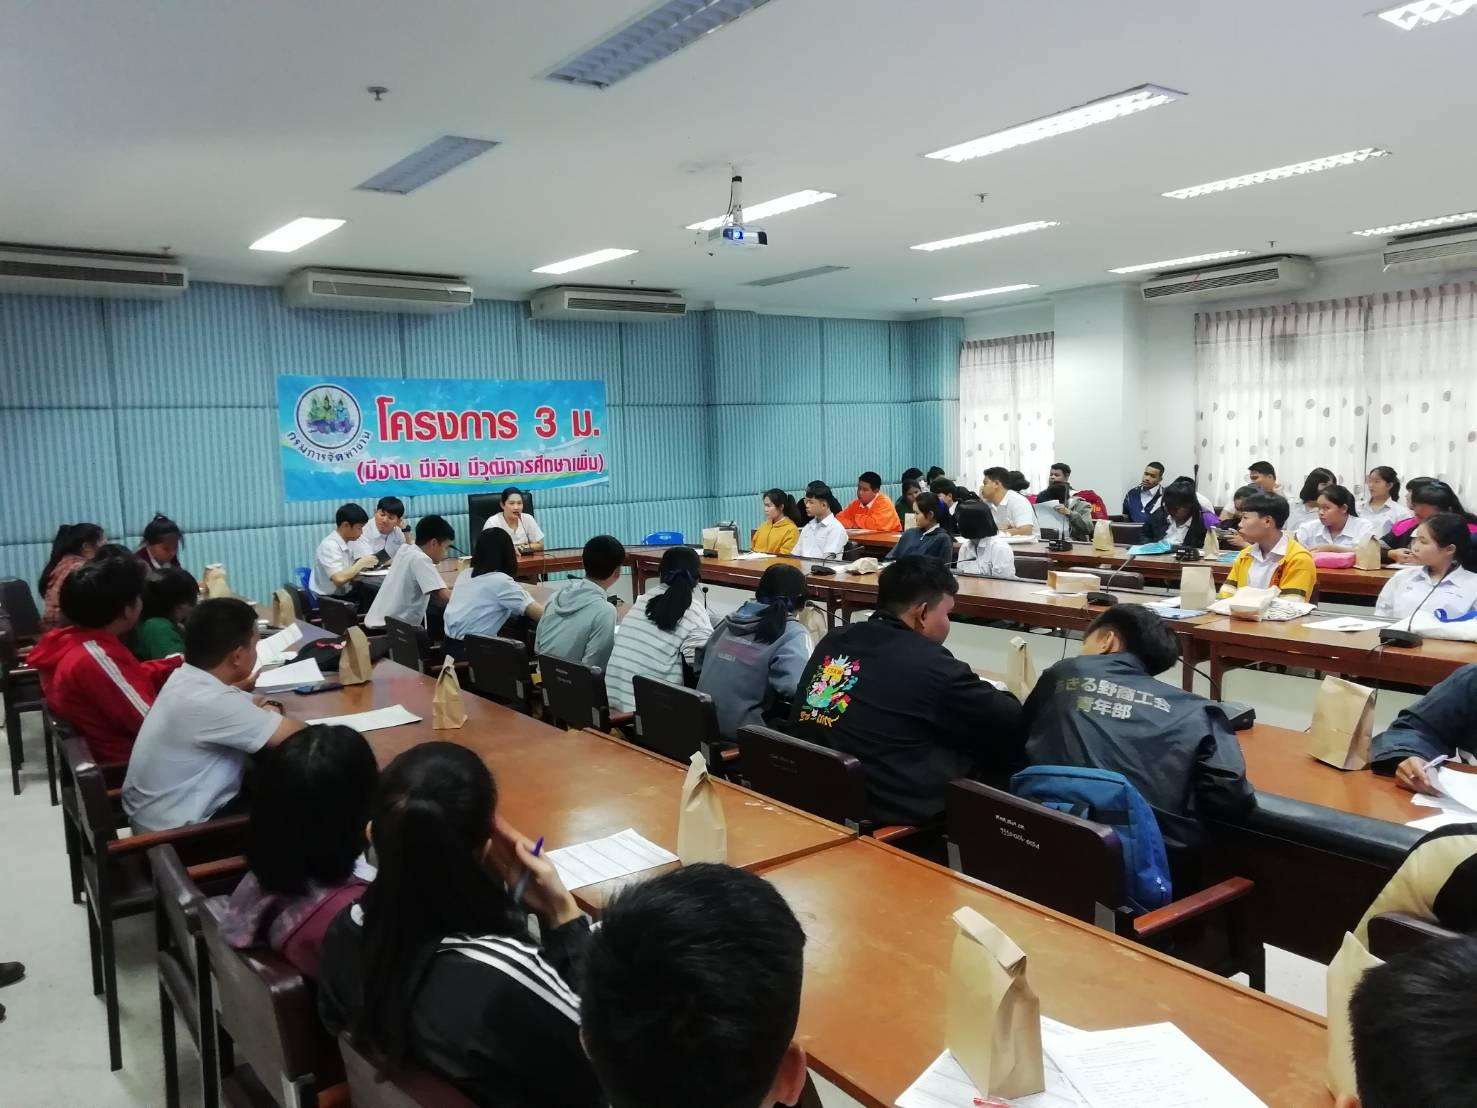 จัดประชุมชี้แจง รับสมัครและสัมภาษณ์งานโครงการ 3 ม. (มีงาน มีเงิน มีวุฒิการศึกษาเพิ่ม) ปี 2563